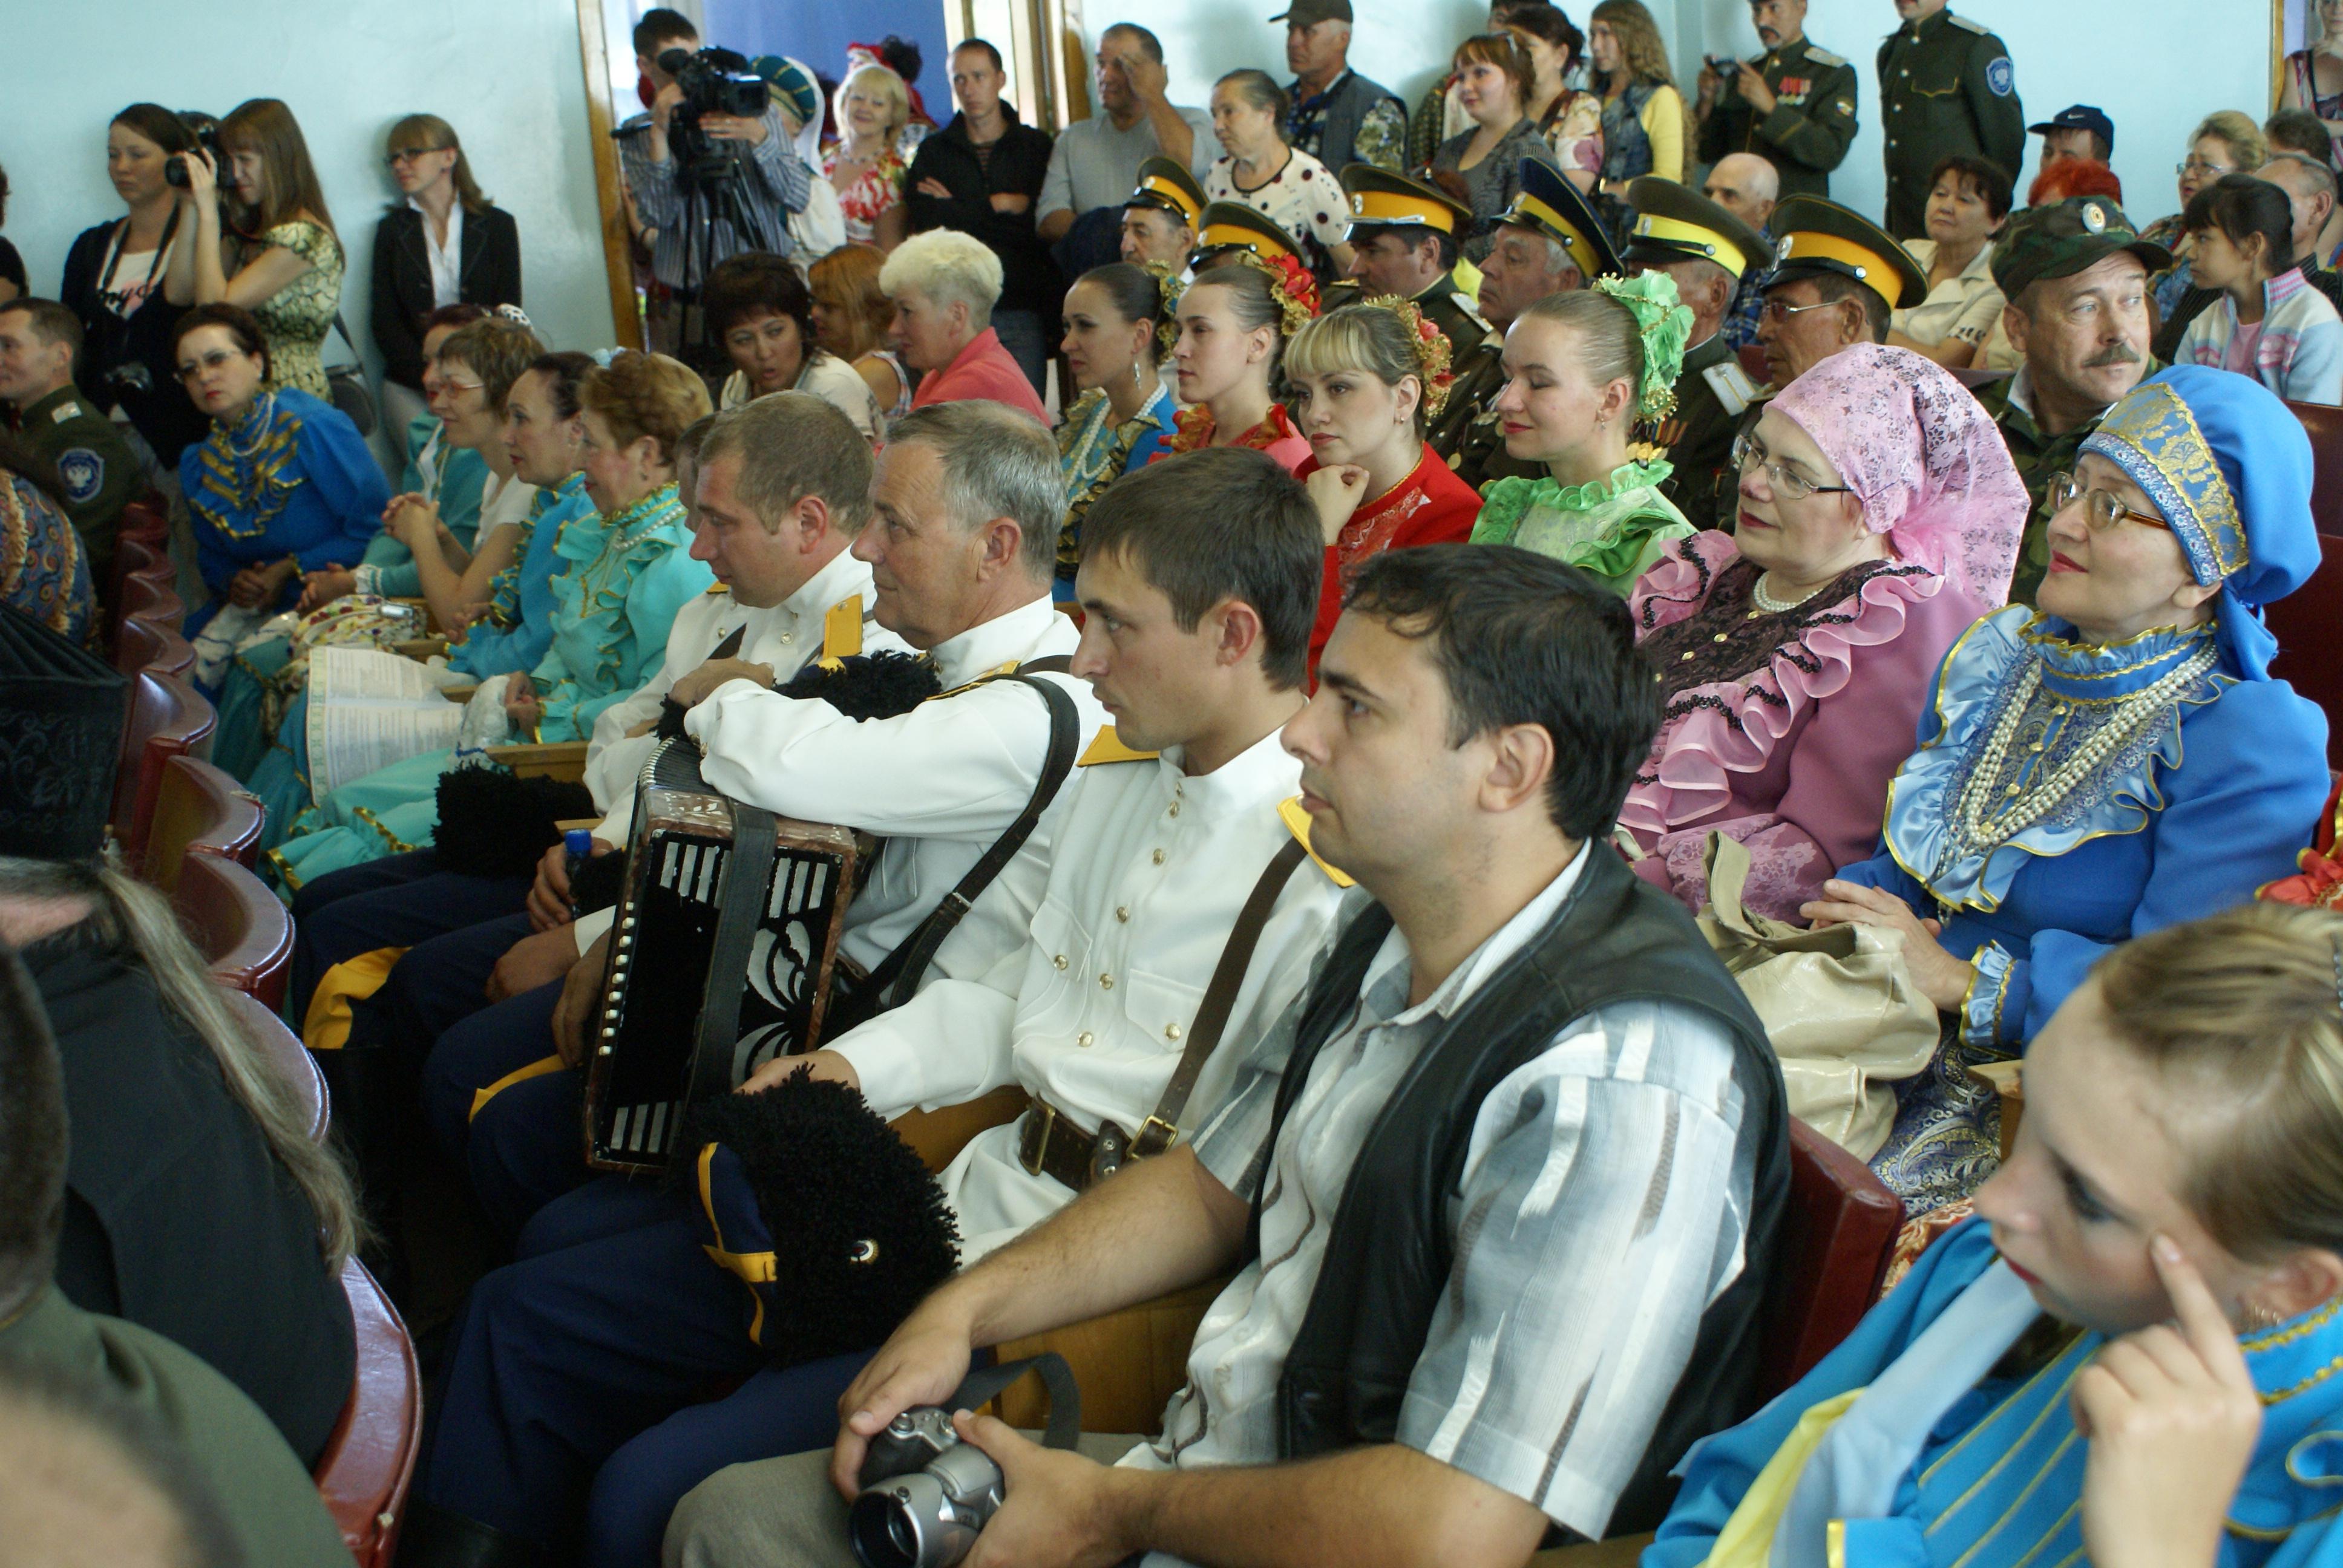 2,3 миллиона рублей затратили на капитальный ремонт дома культуры в селе Новая Кука